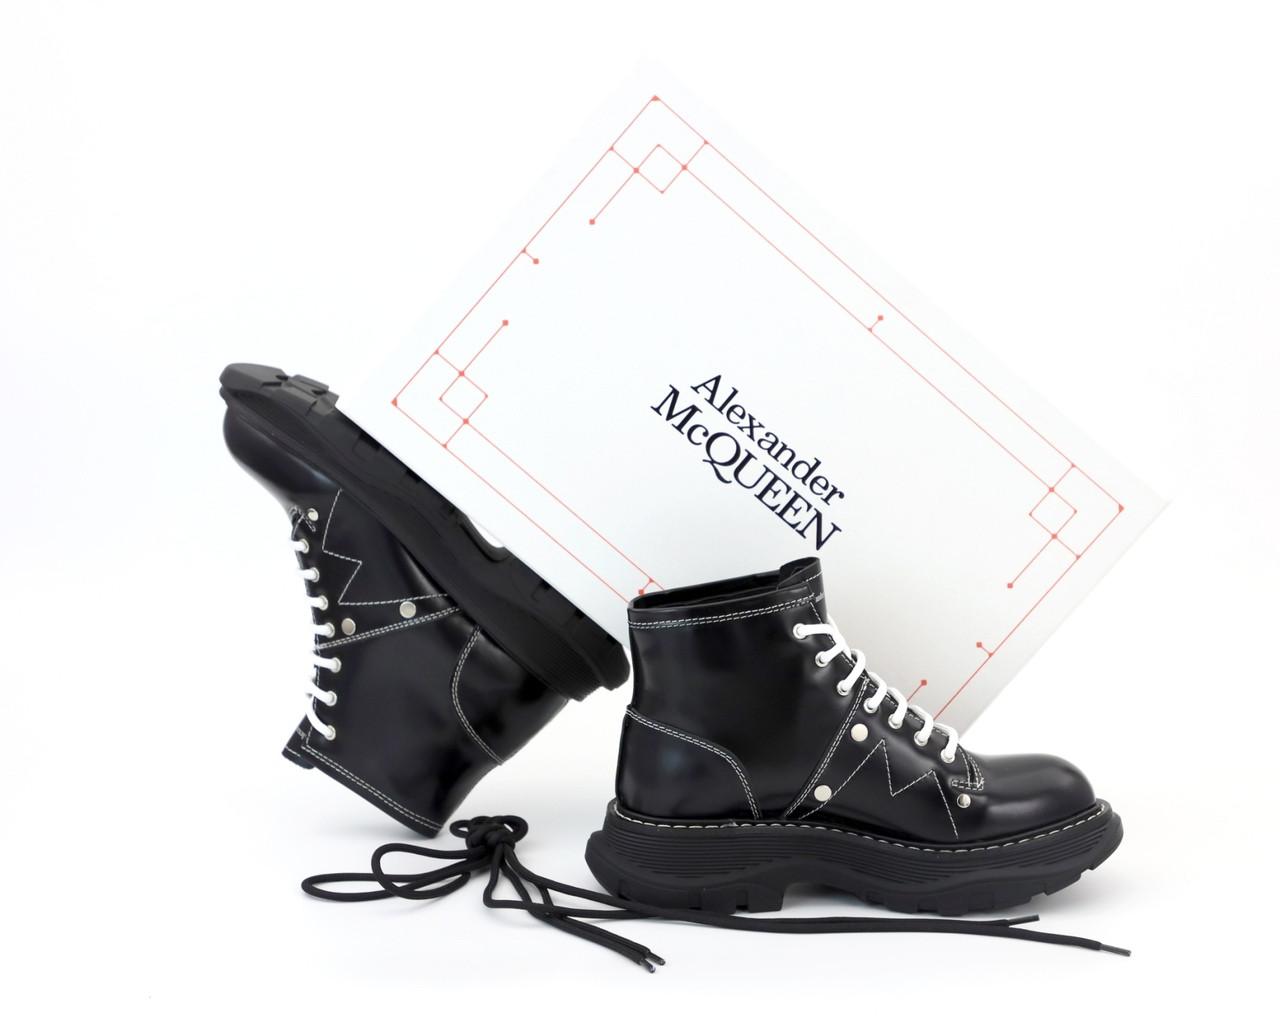 Женские ботинки Alexander McQueen в стиле александр маккуин Черные НА МЕХУ (Реплика ААА+)